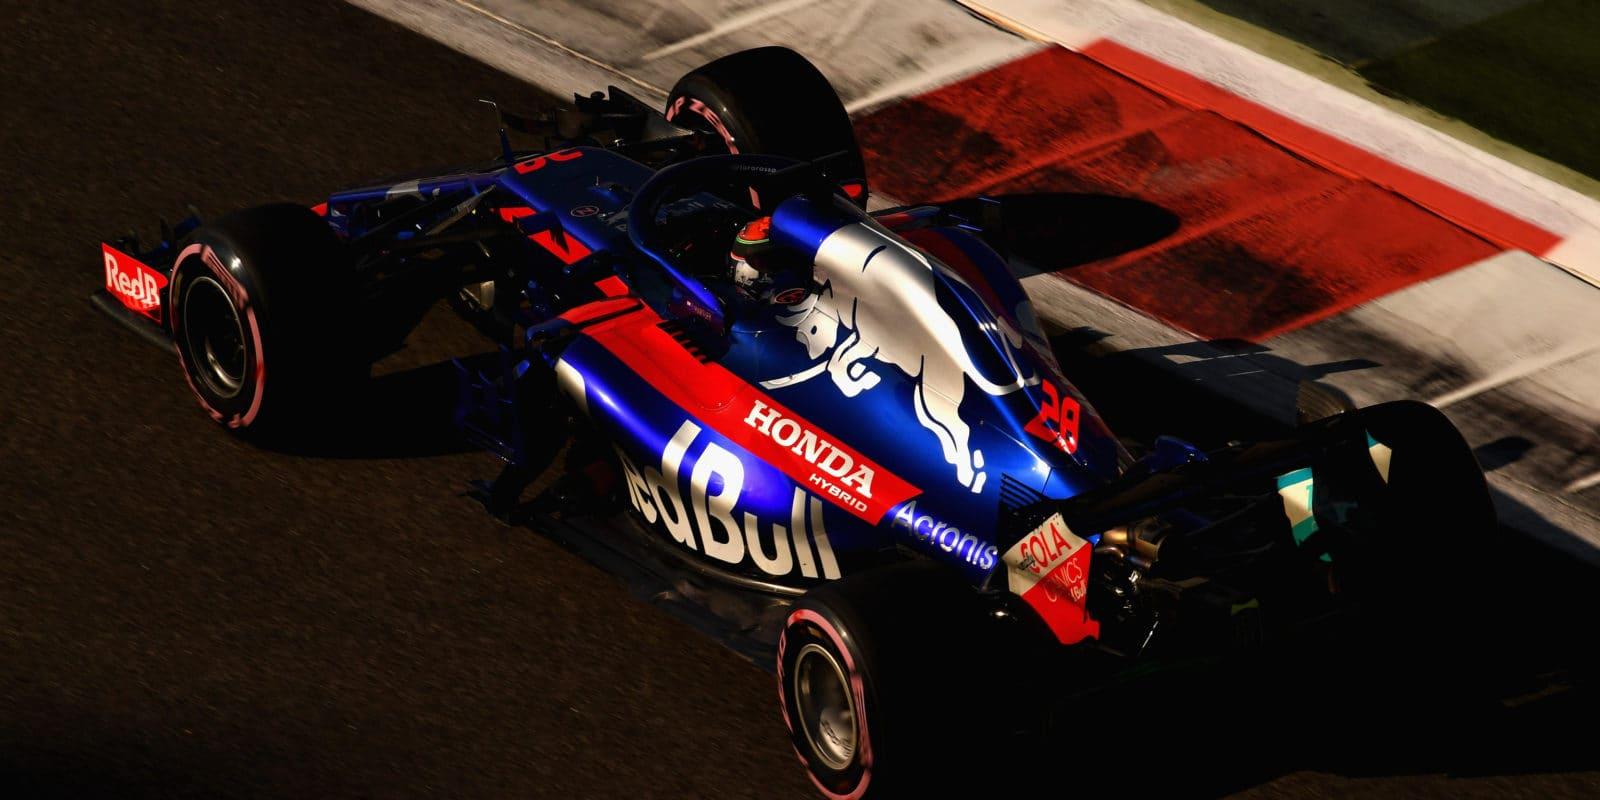 Red Bull musí Hondě pomoci pochopit realitu F1, říká Brawn